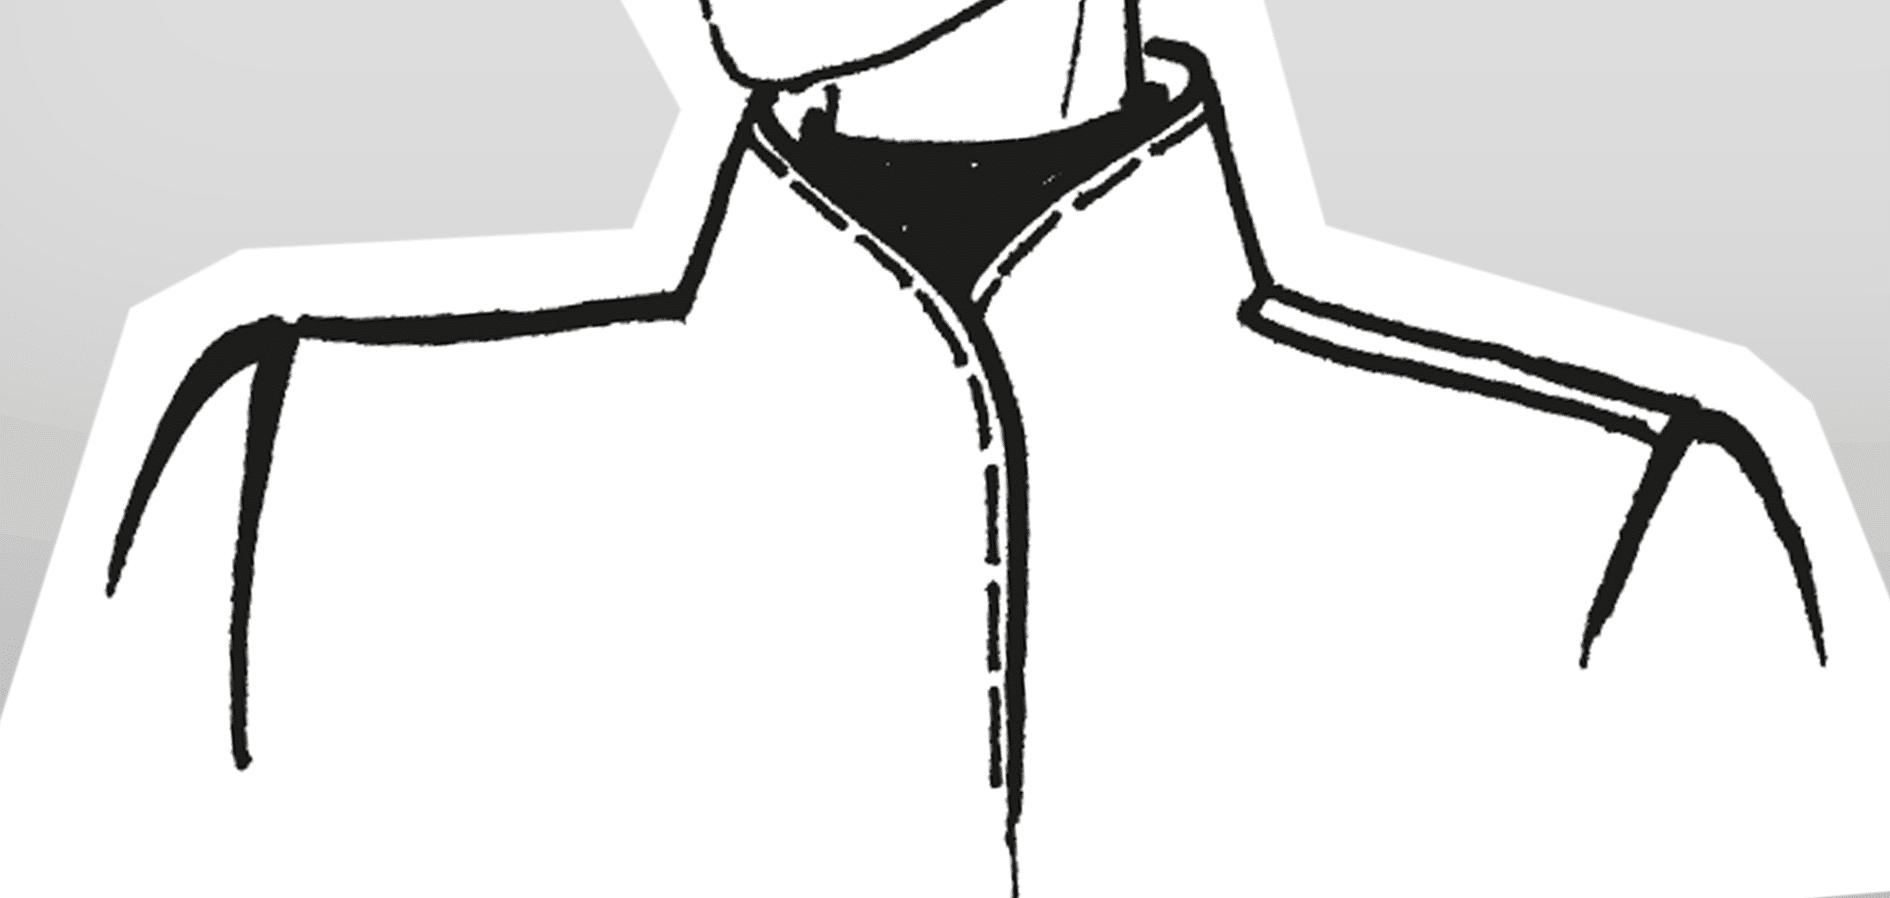 Zu sehen ist die technische Zeichnung eines angeschnittenen Stehkragens.